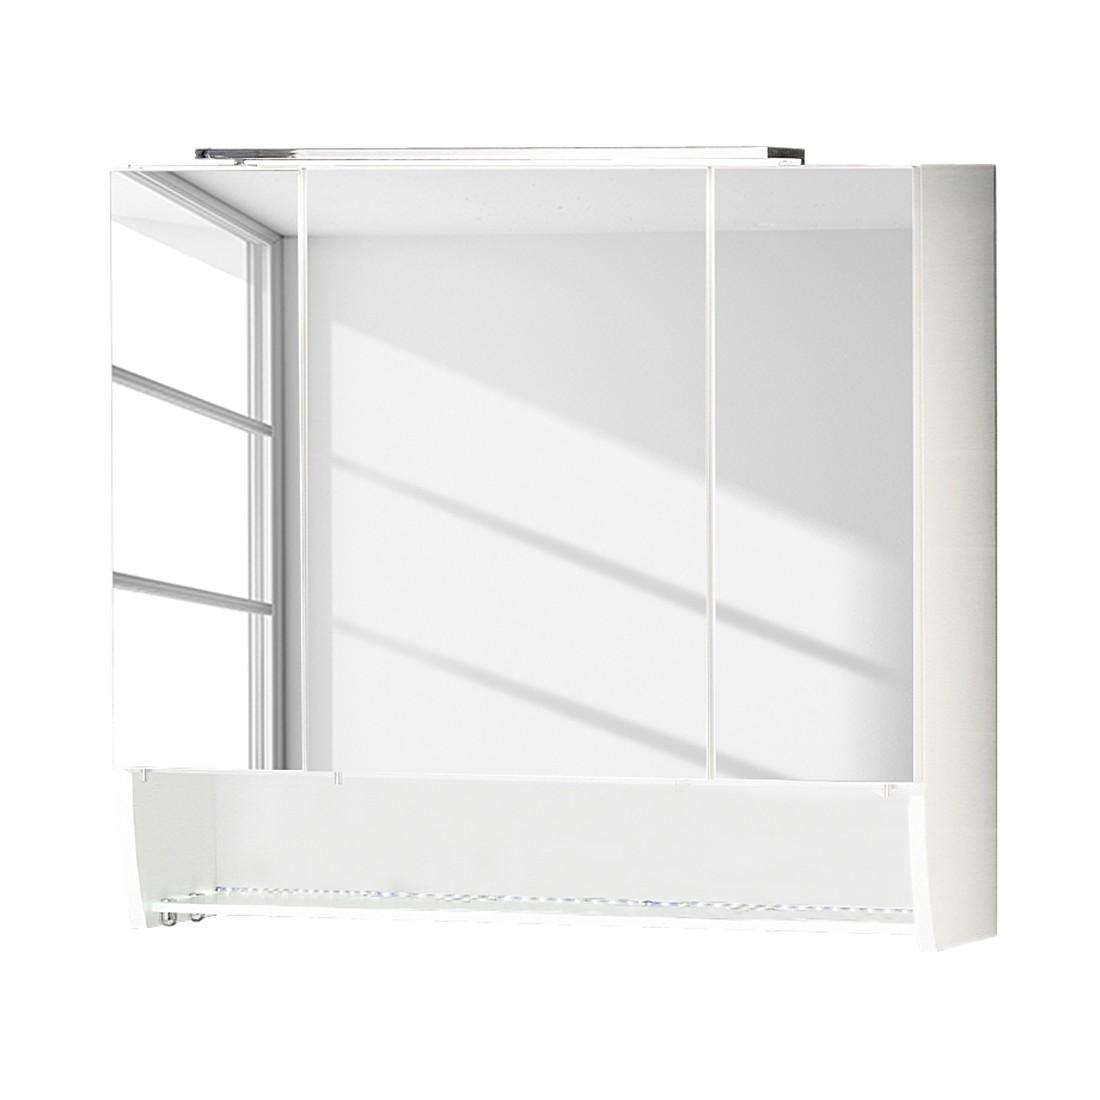 Spiegelschrank Sceno - Hochglanz Weiß, Fackelmann